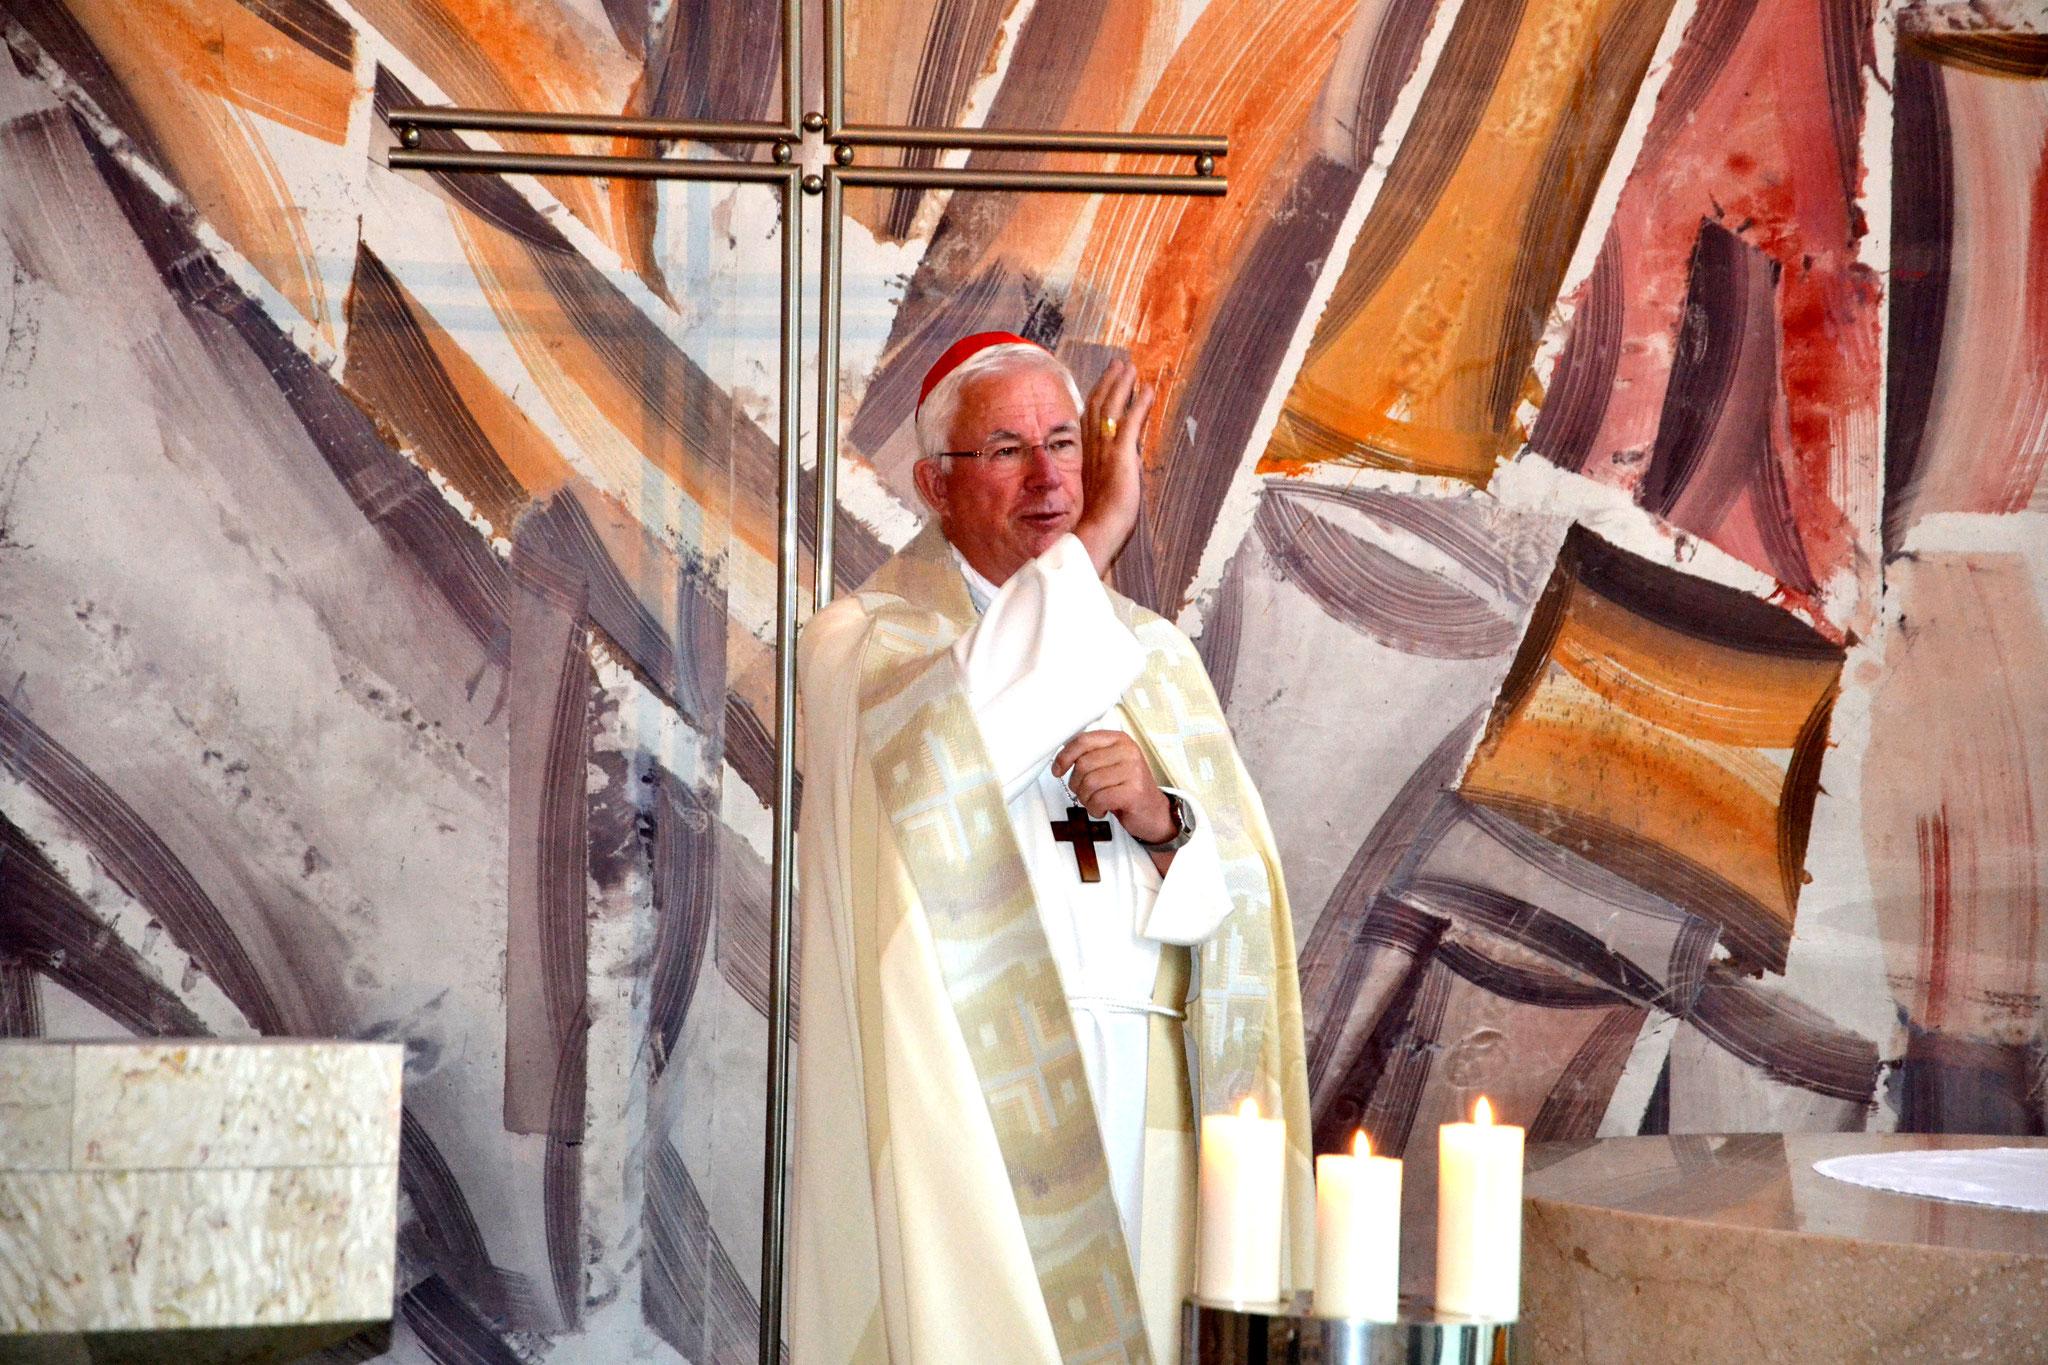 Der Salzburger Erzbischof Franz Lackner stand bei der Tagung einer Vesper vor.